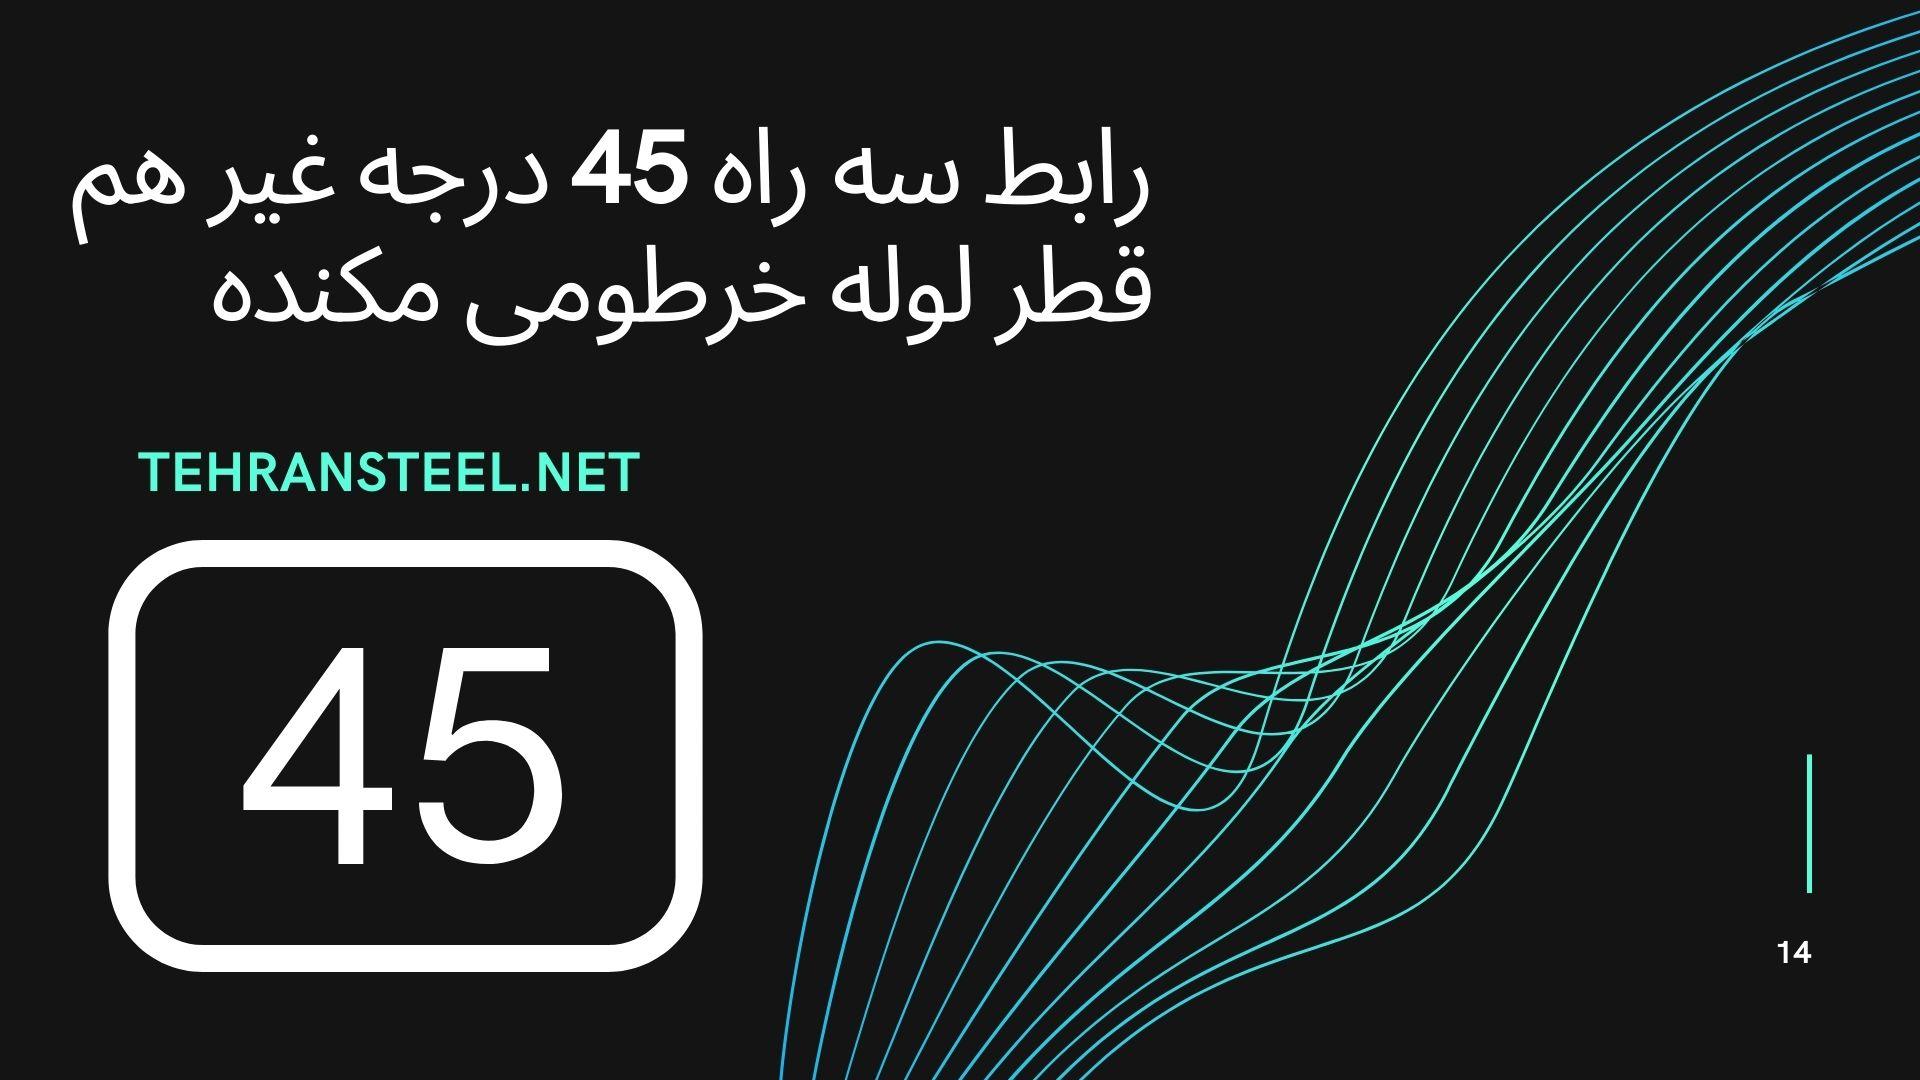 رابط سه راه 45 درجه غیر هم قطر لوله خرطومی مکنده: